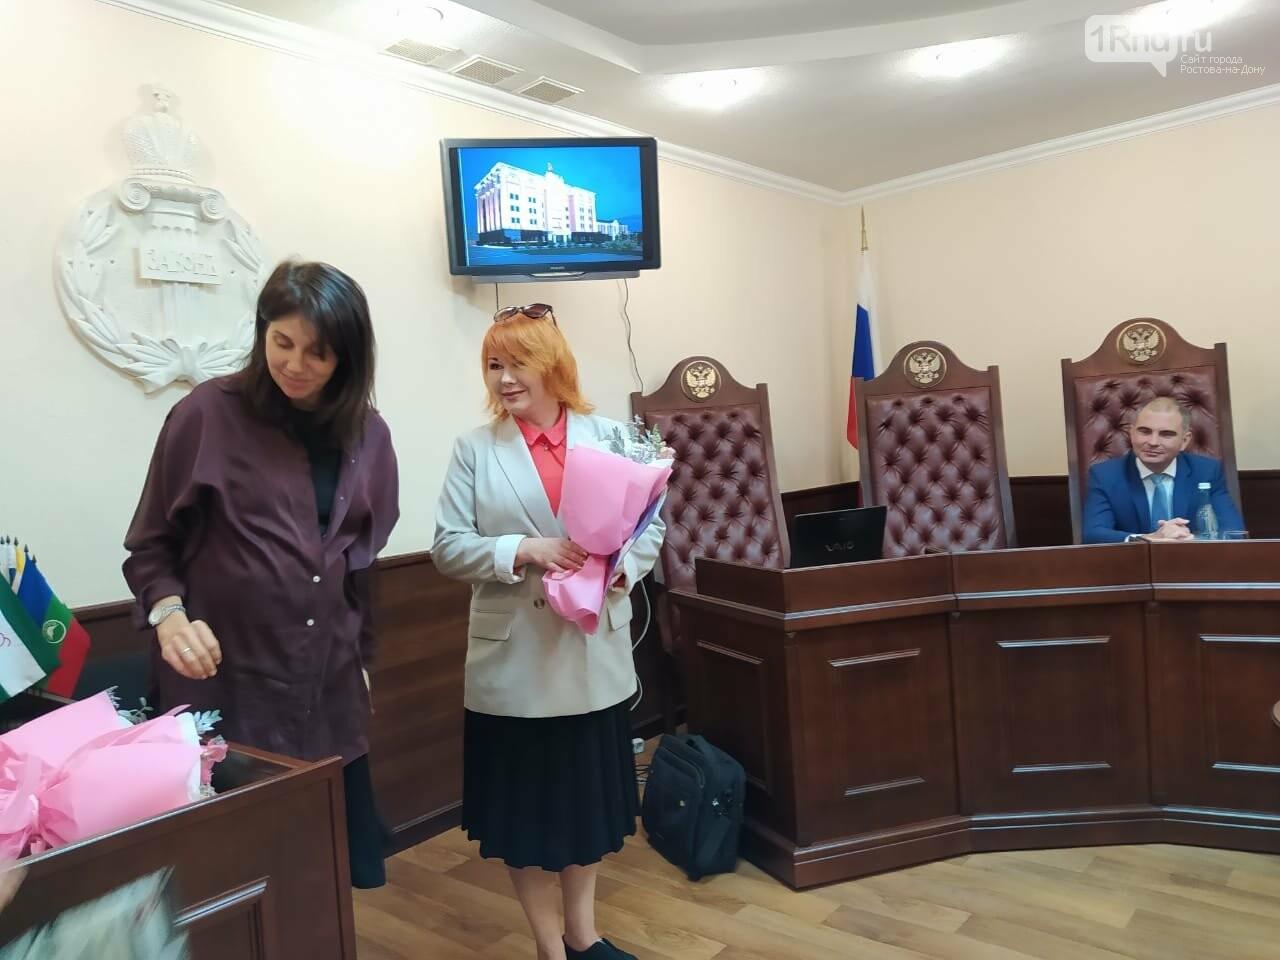 Награждение судебных журналистов